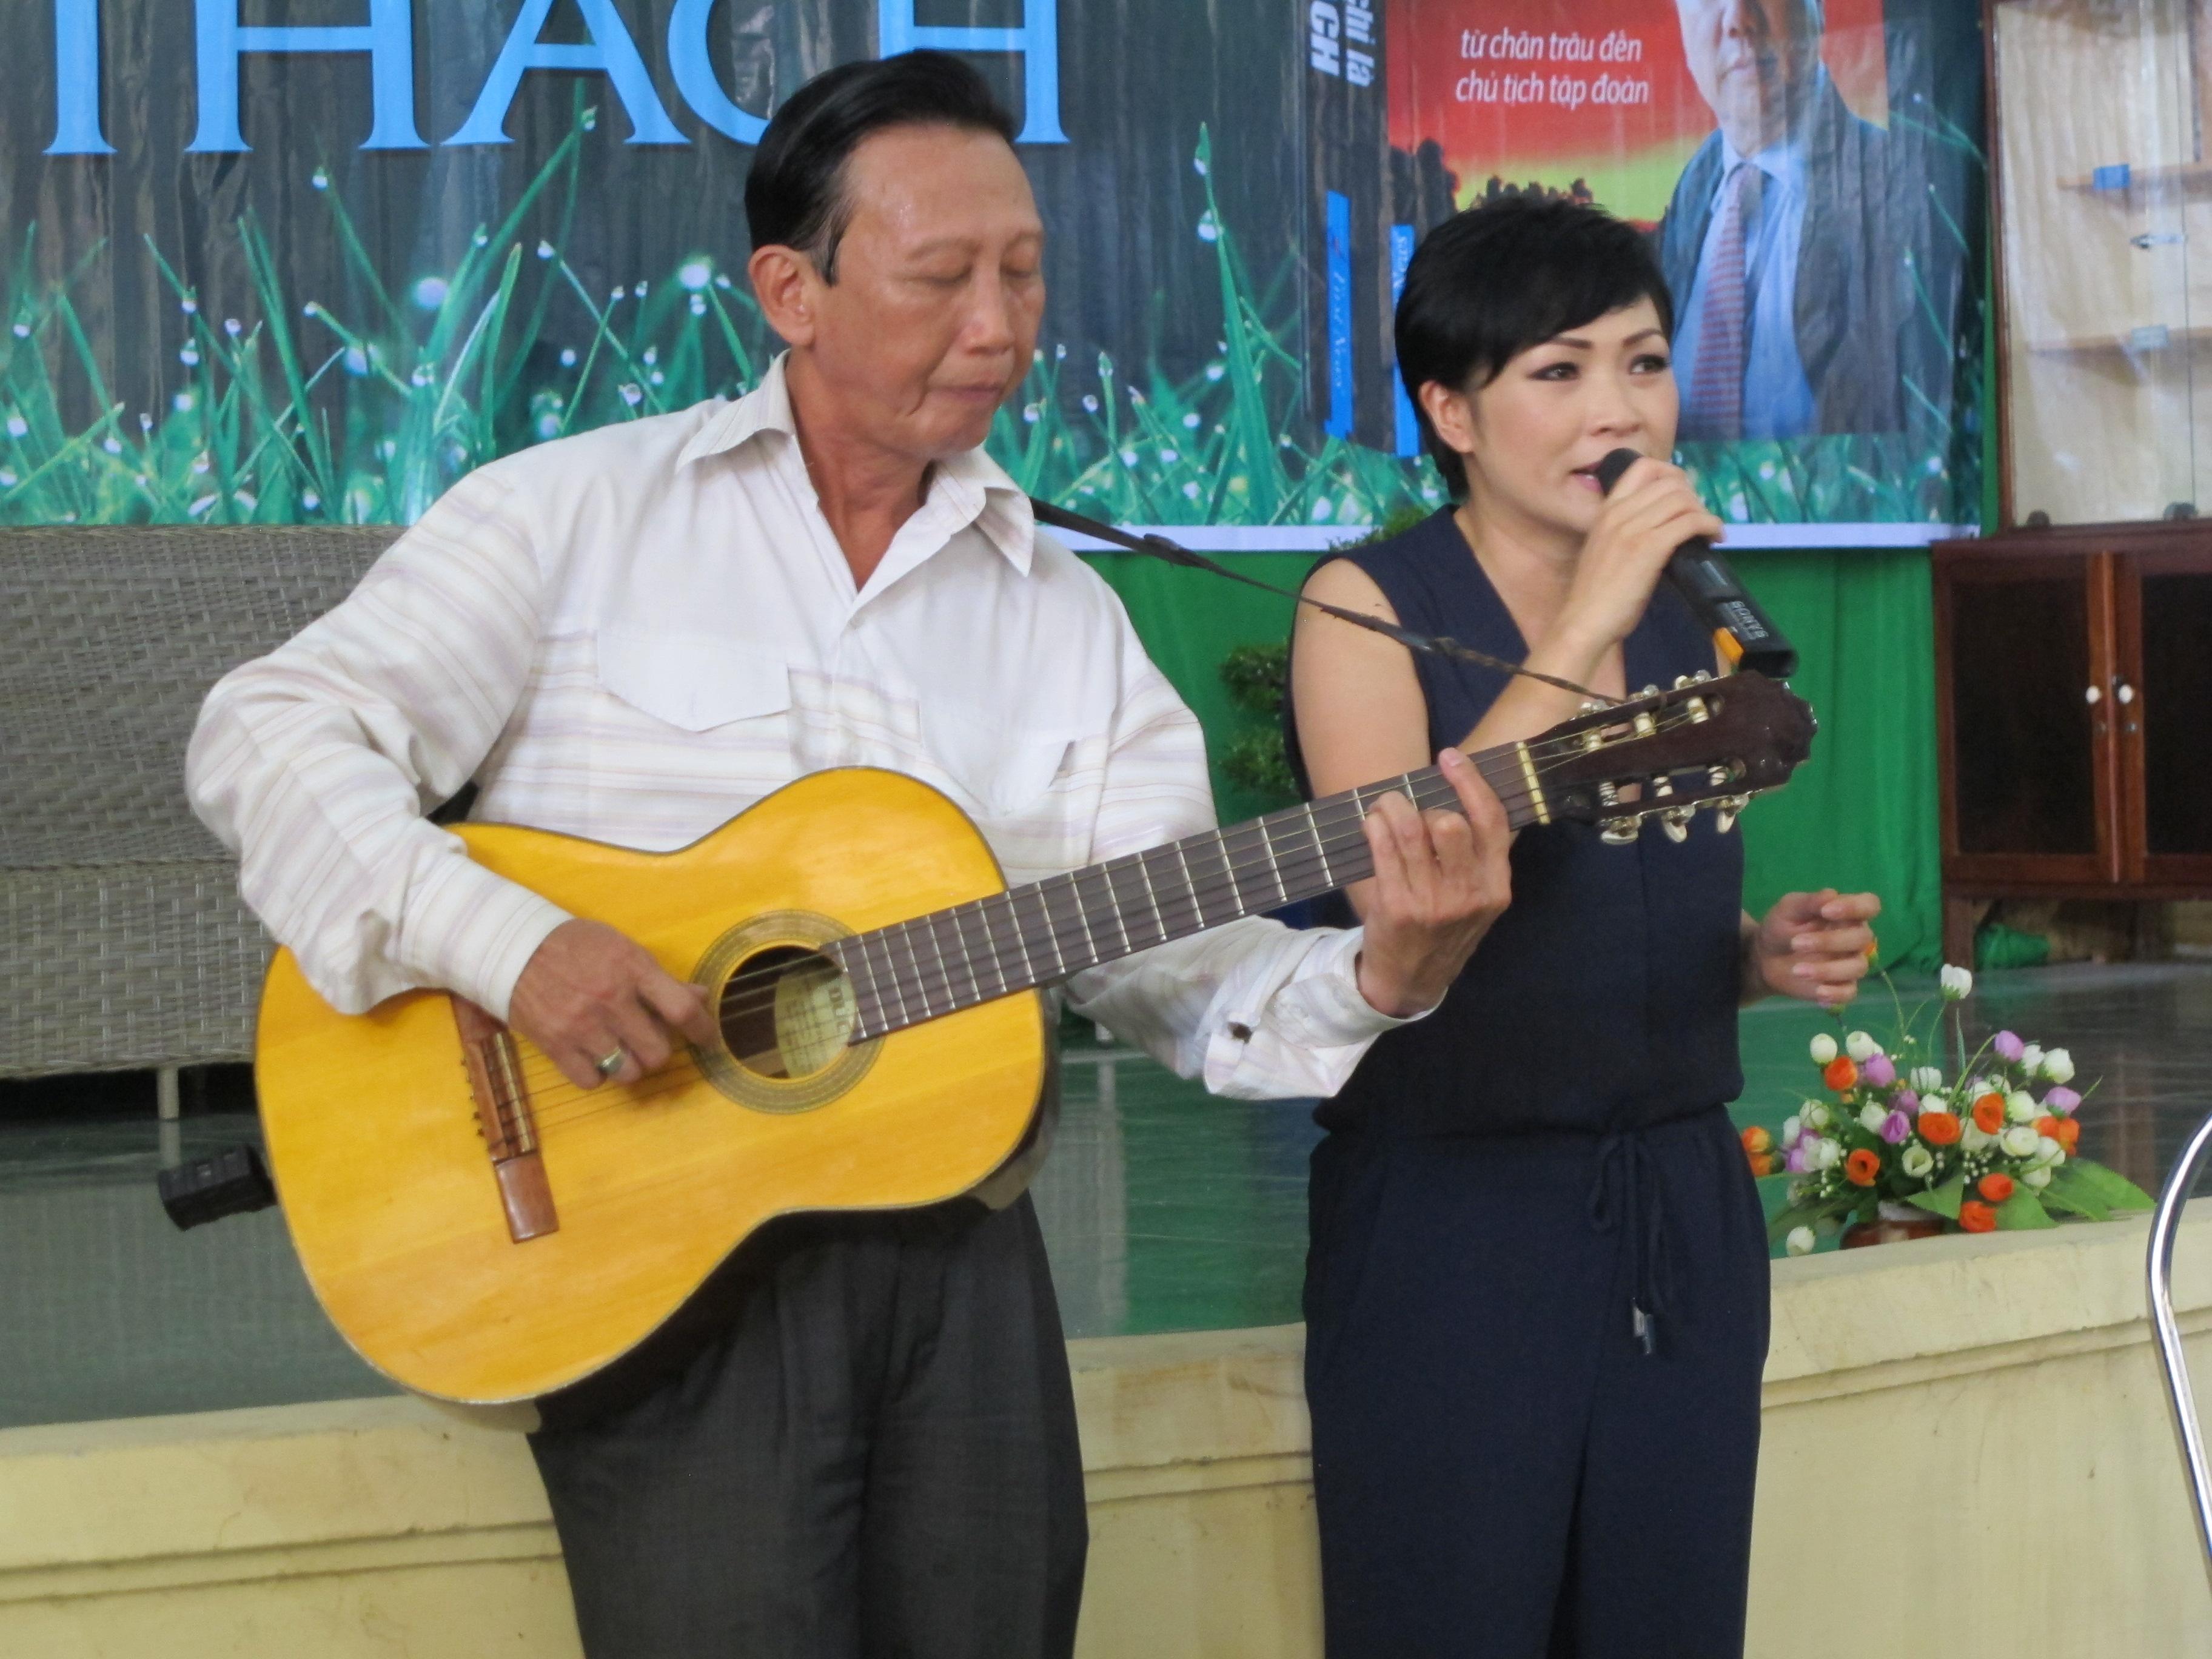 Ca sĩ Phương Thanh và nhạc sĩ Thế Hiển